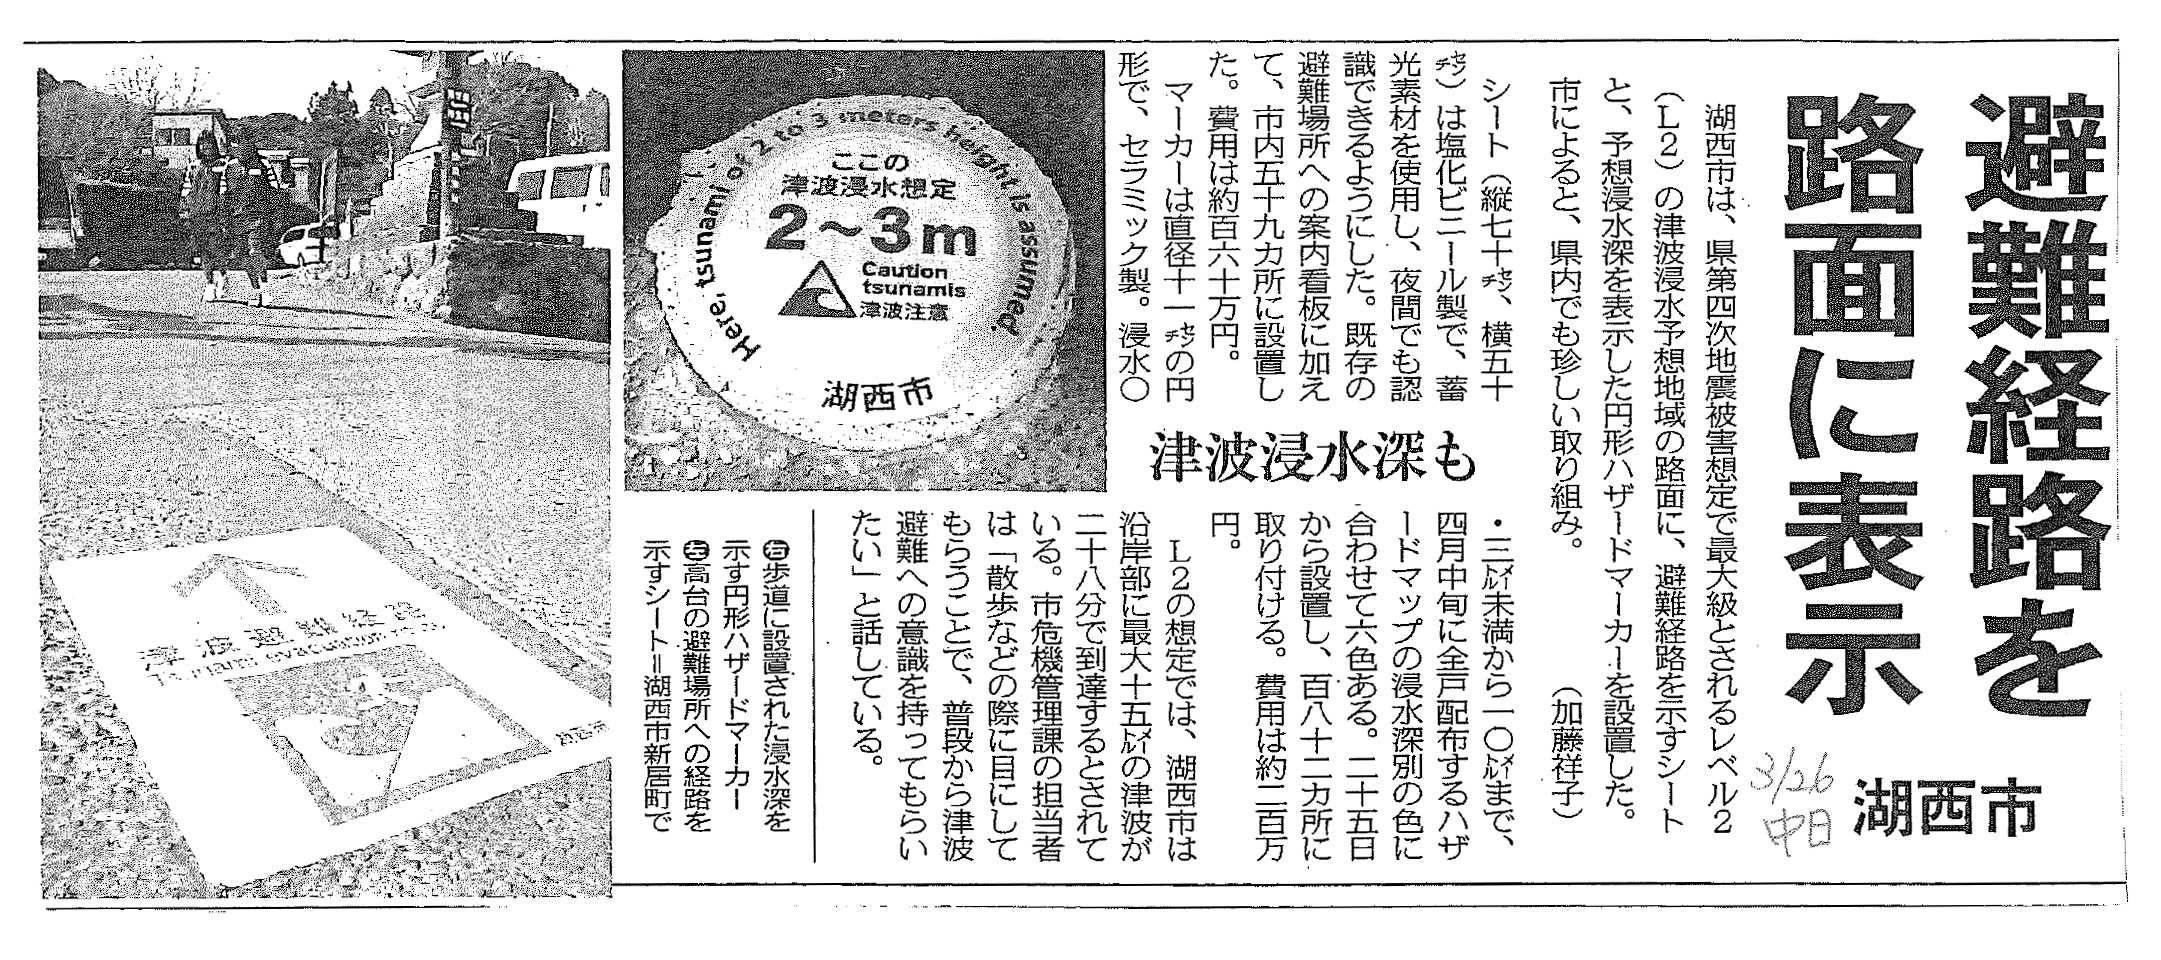 ハザードマーカー(静岡県湖西市)